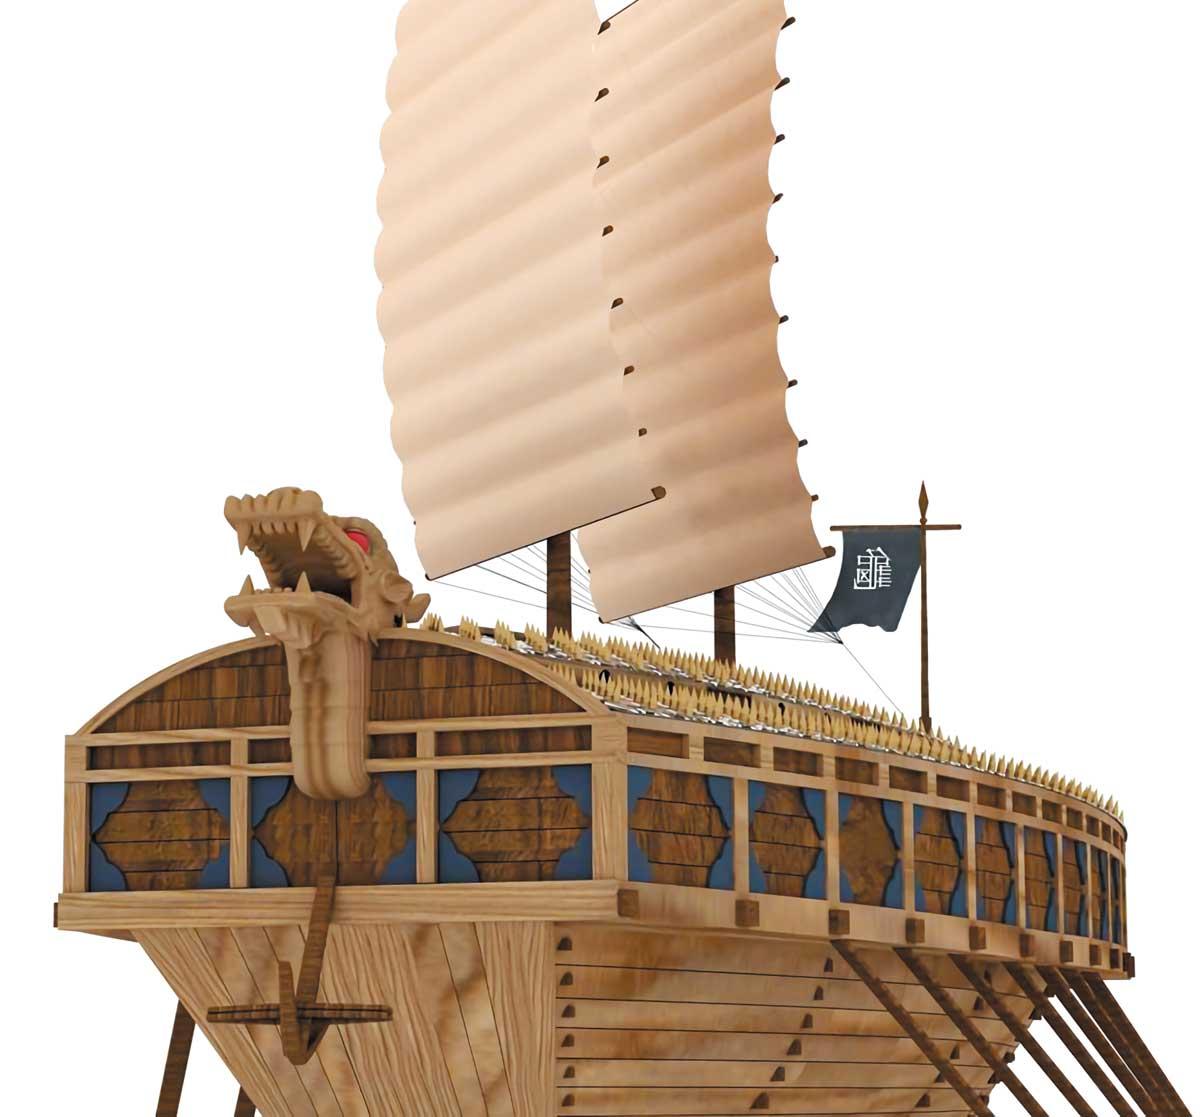 경상남도가 '이순신 프로젝트'의 하나로 제작한 3층 구조의 거북선 모형 측면도.